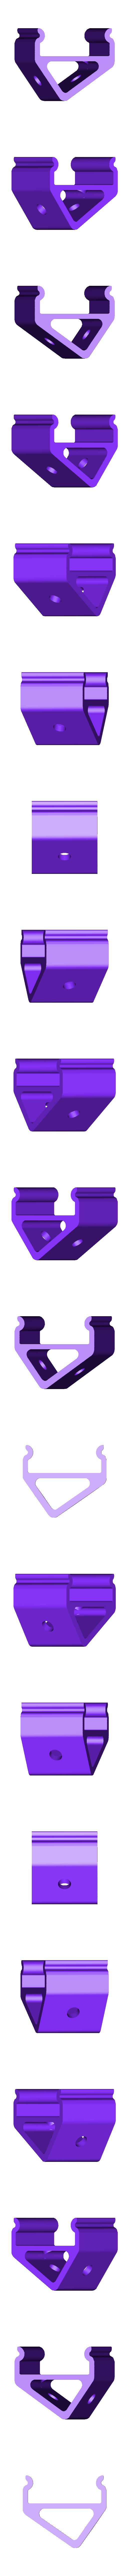 soporte led.STL Télécharger fichier STL gratuit Soutien au Led Bar • Design à imprimer en 3D, alex_rivosa